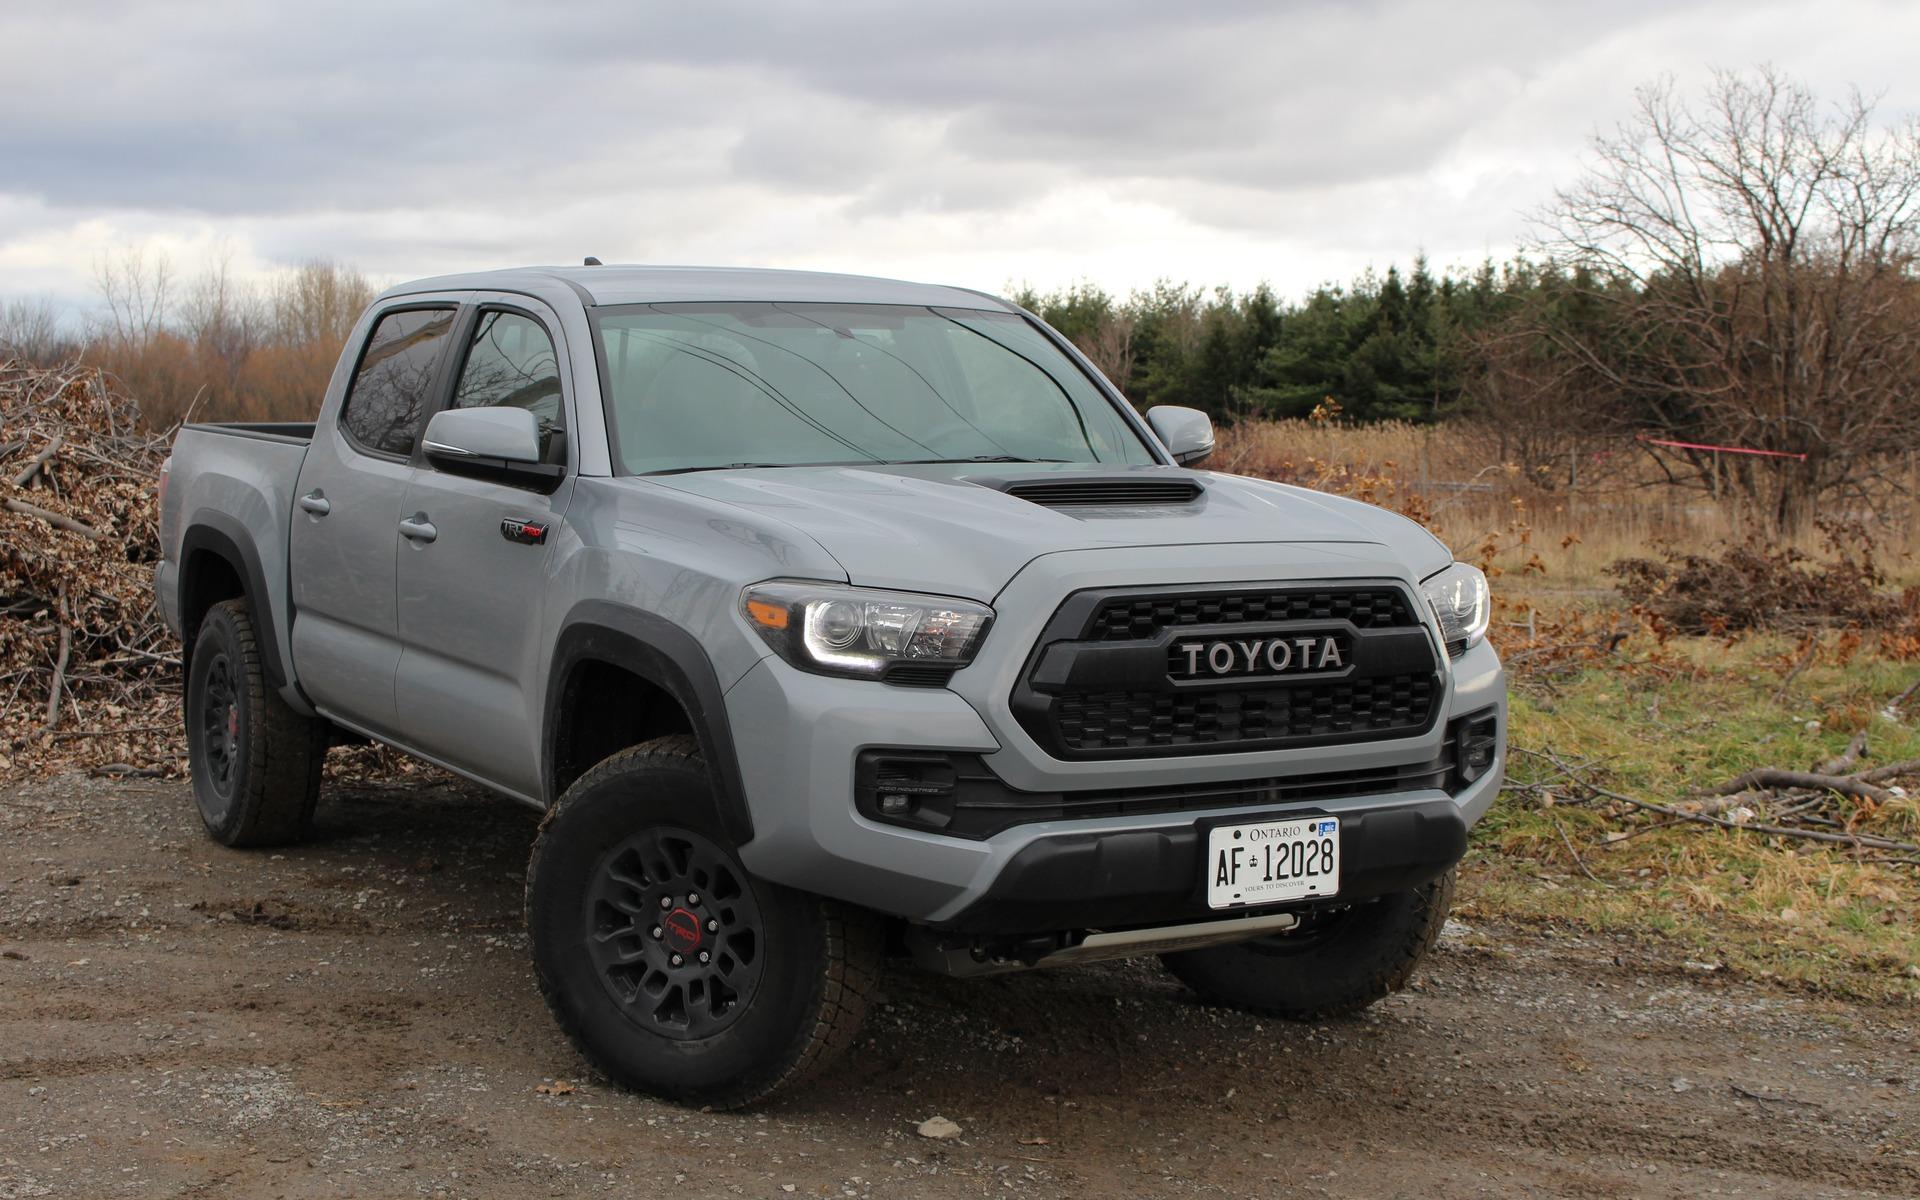 Toyota Tacoma Evolution >> 2013 Toyota Tacoma Colors | Autos Post